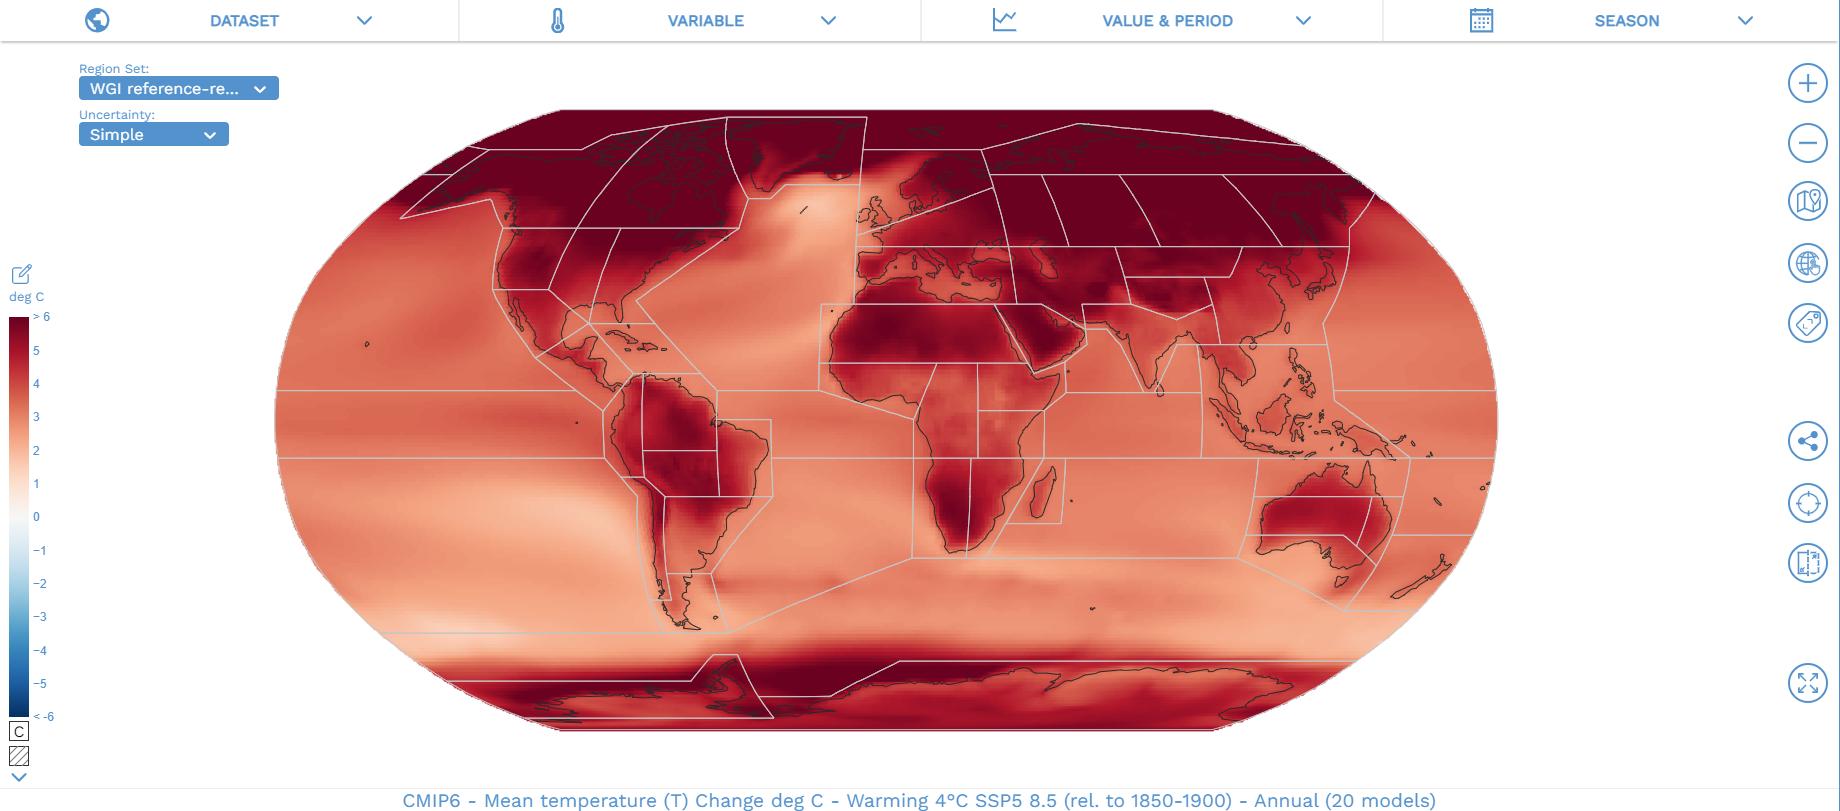 Через два десятиліття температура на планеті може підвищитися на 3°C.